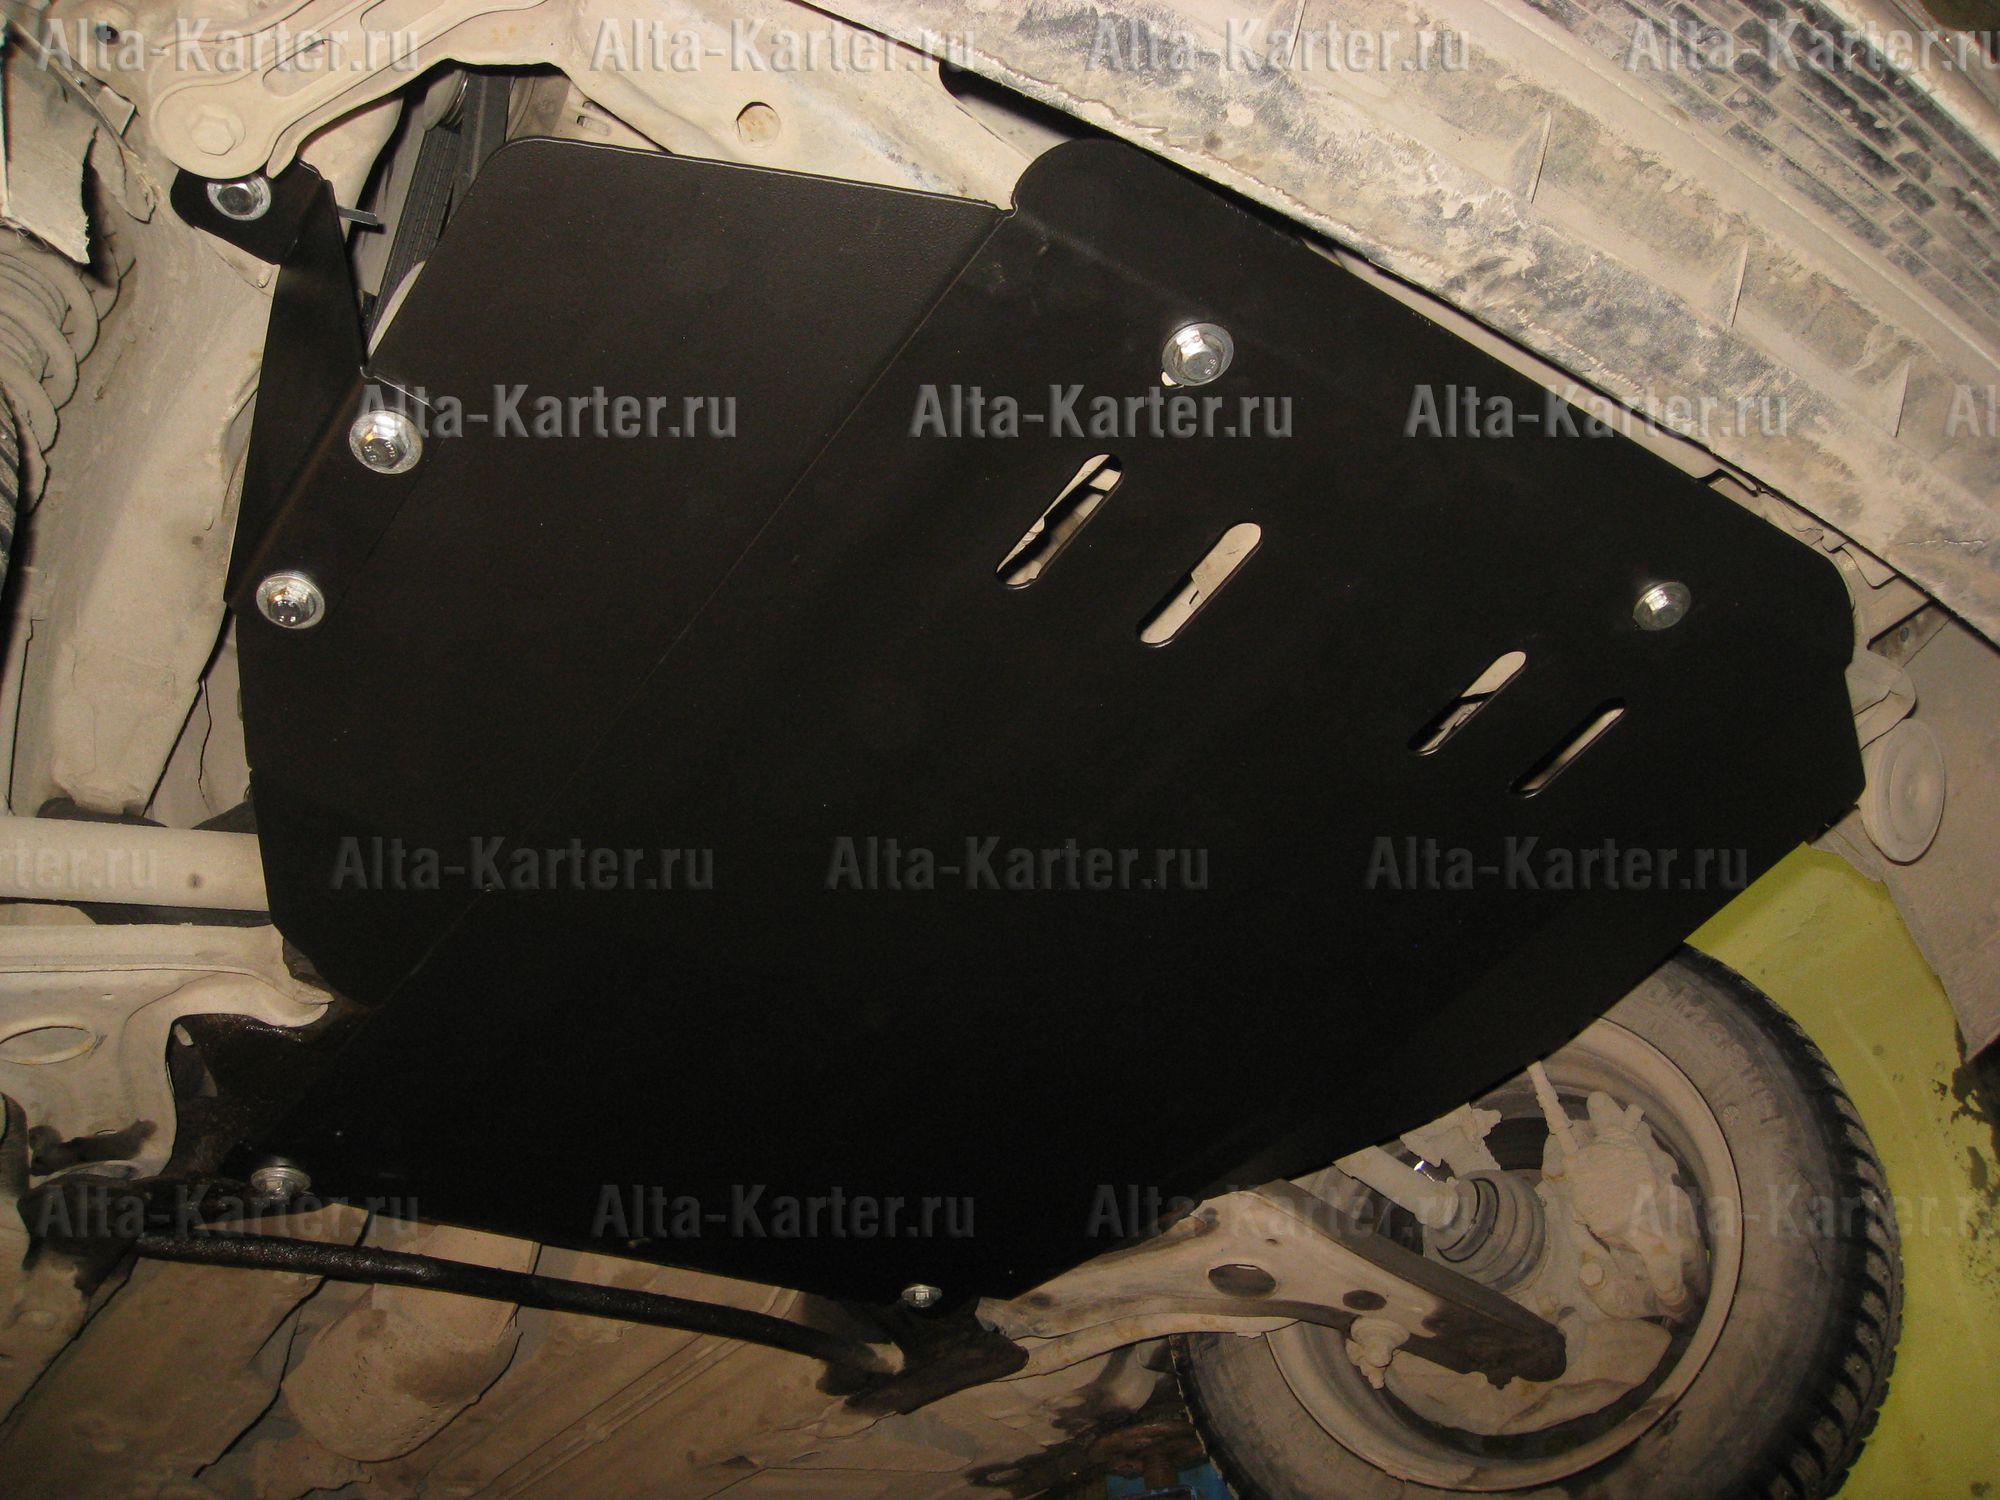 Защита Alfeco для картера и КПП Volkswagen Caddy II 1996-2004. Артикул ALF.26.25